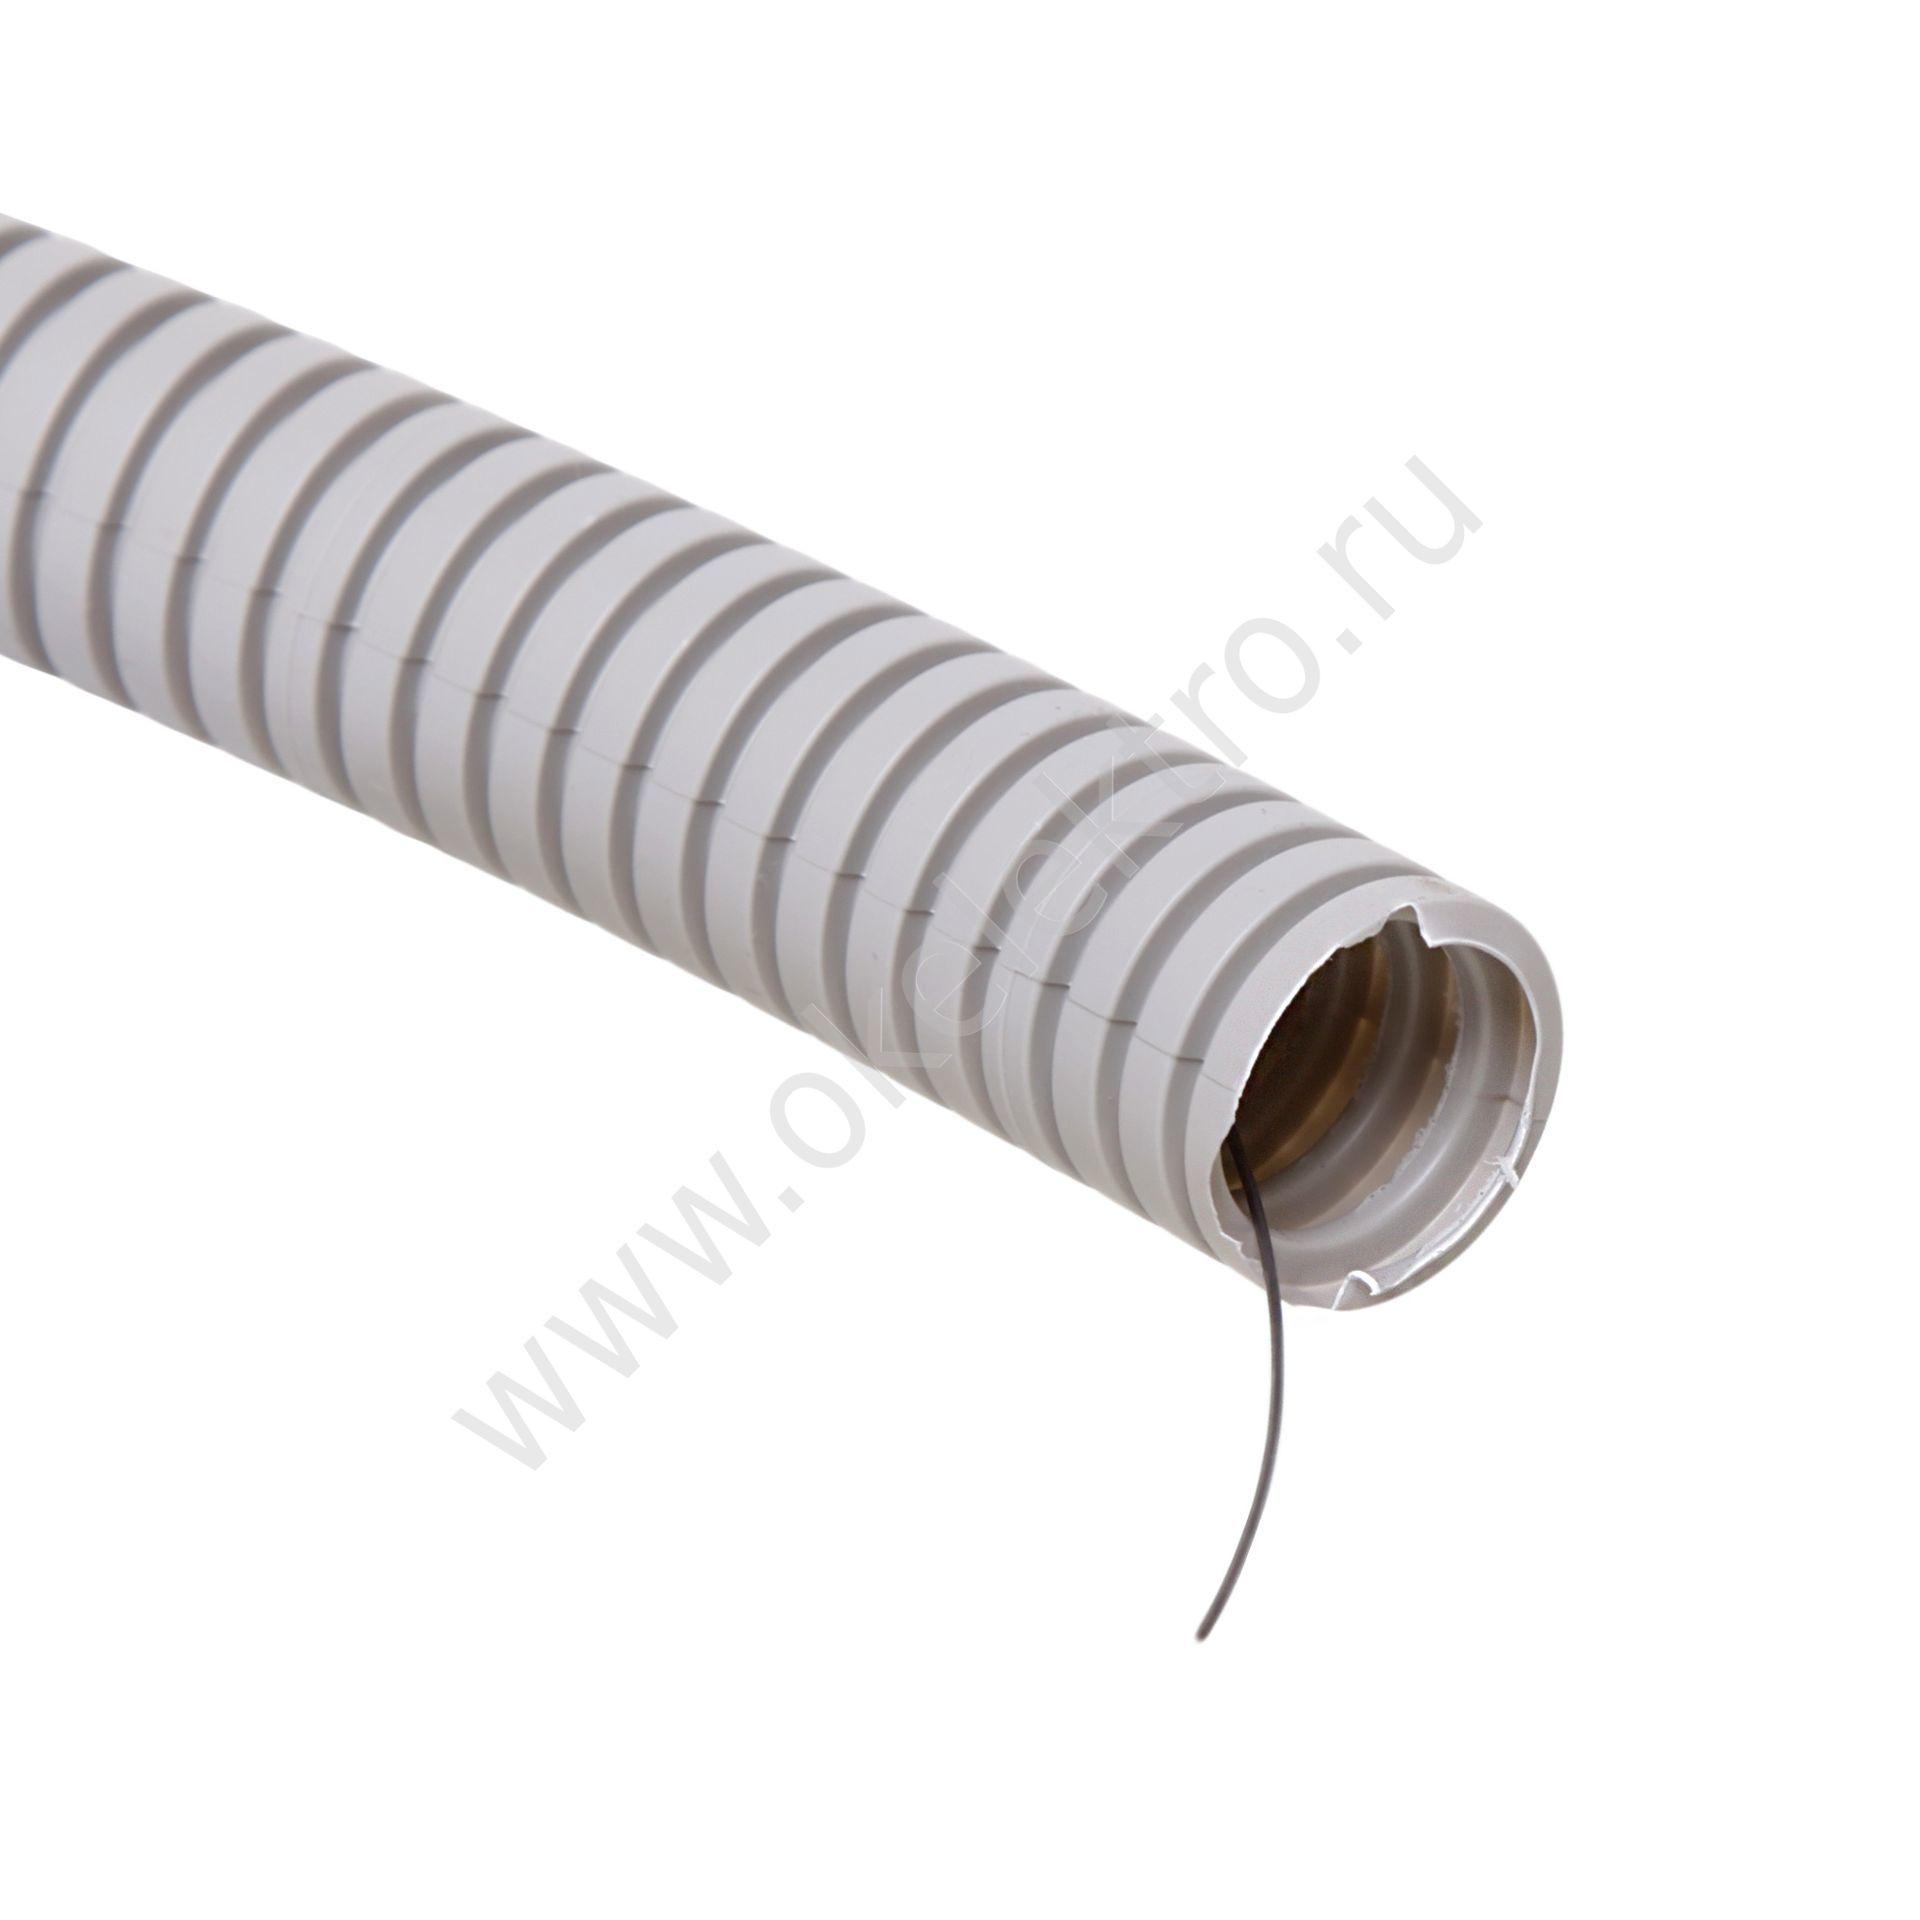 Труба гофрированная с протяжкой ПВХ ф32, 50м